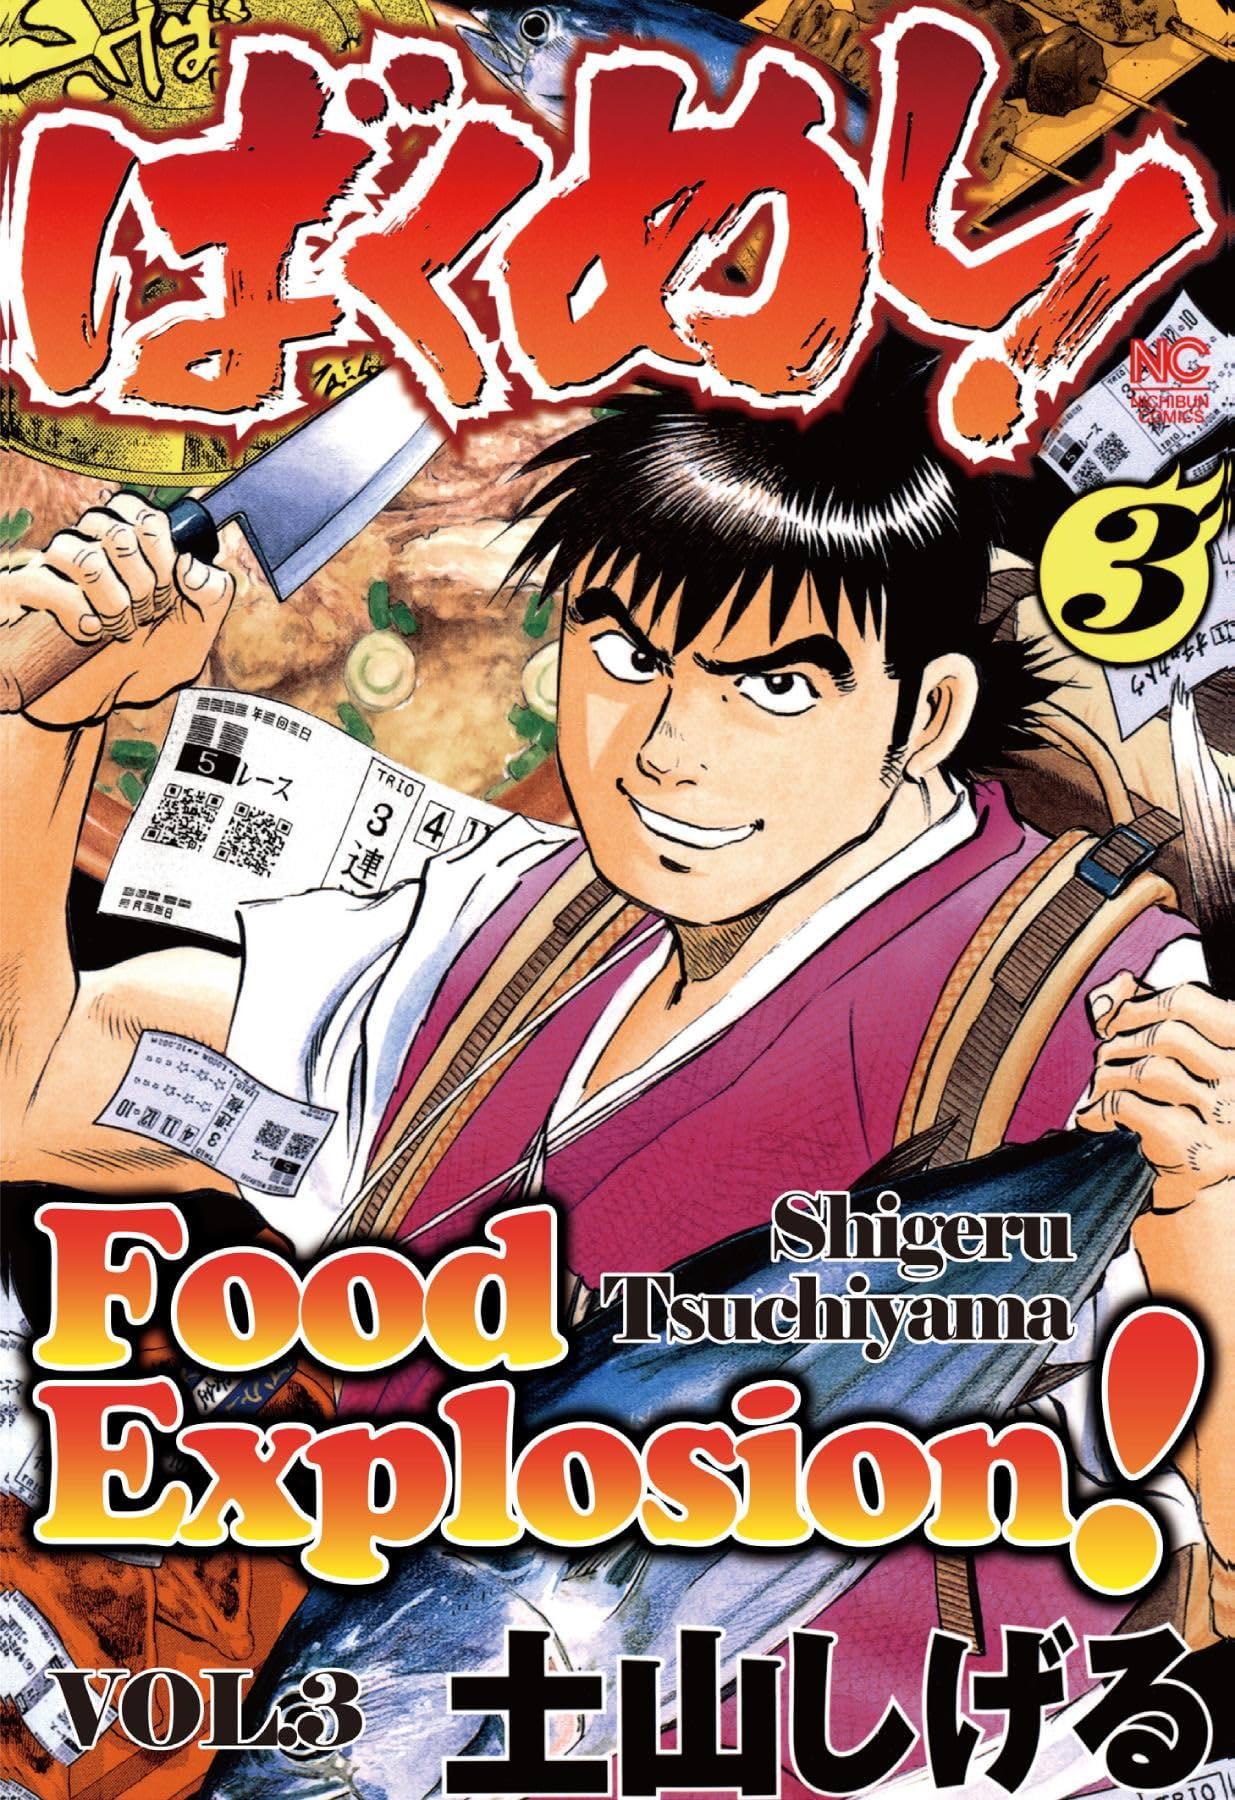 FOOD EXPLOSION Vol. 3